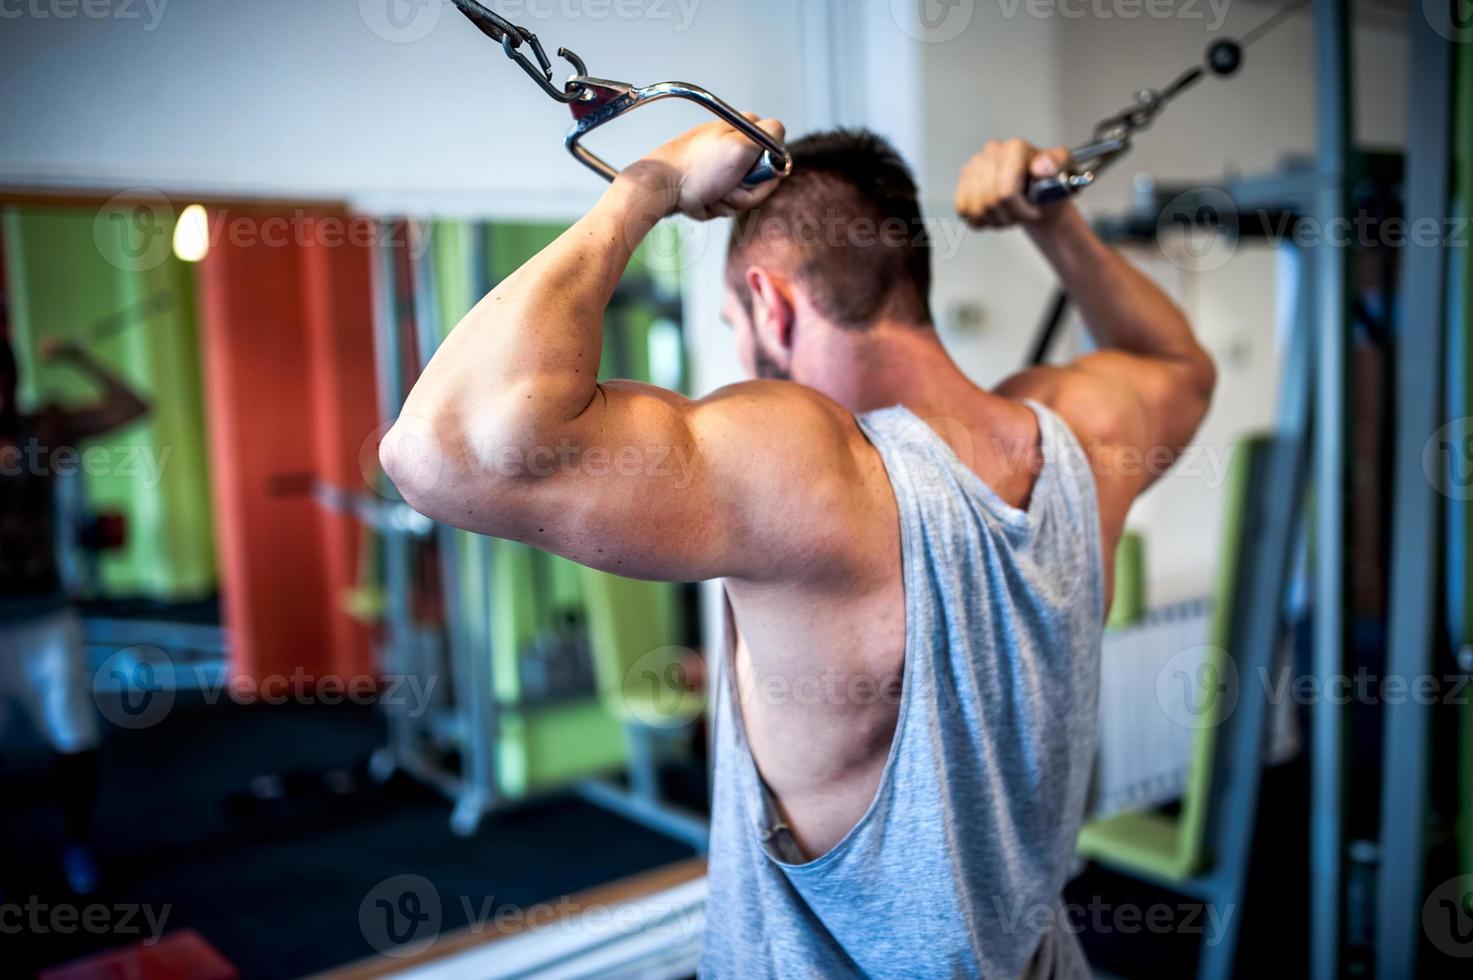 giovane, muscoloso, culturista che lavora in palestra. con fitness foto